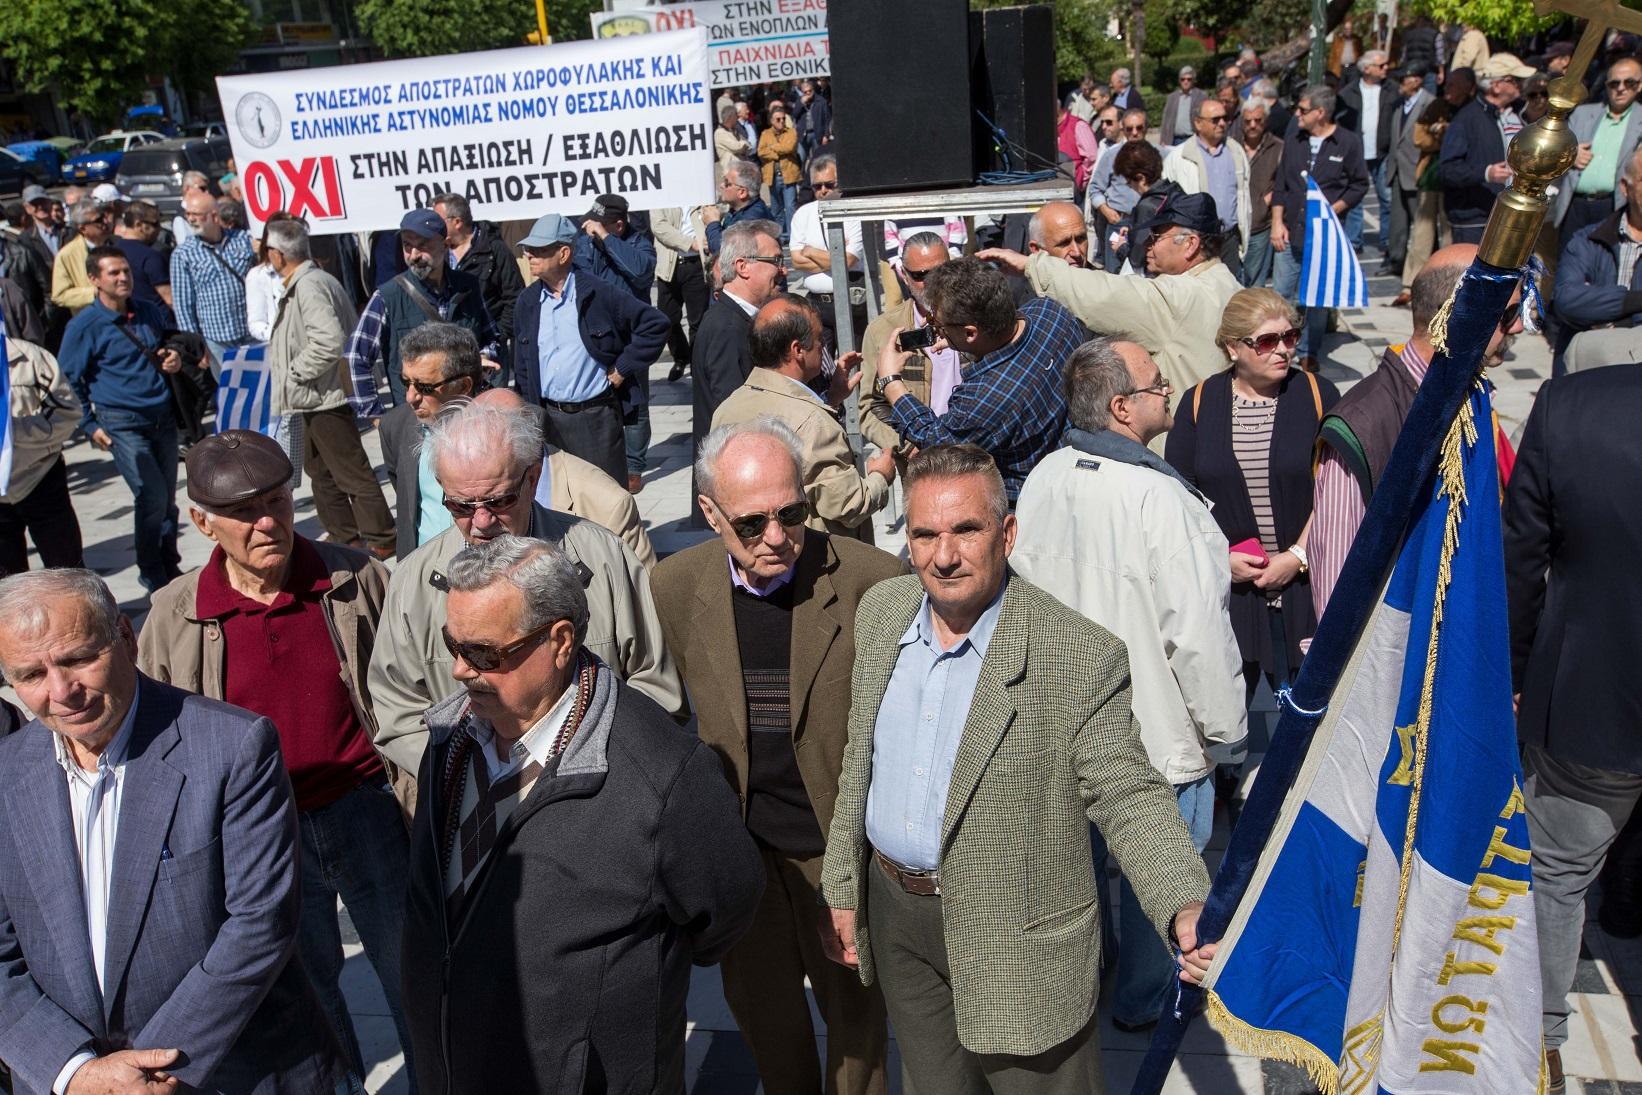 Απόστρατοι αξιωματικοί του στρατού αεροπορίας και ναυτικού πραγματοποιούν συγκέντρωση διαμαρτυρίας για τα εθνικά θέματα στο άγαλμα Βενιζέλου στην Θεσσαλονίκη. Θεσσαλονίκη, Παρασκευή 15 Σεπτεμβρίου 2016. ΑΠΕ ΜΠΕ/PIXEL/ΜΠΑΡΜΠΑΡΟΥΣΗΣ ΣΩΤΗΡΗΣ